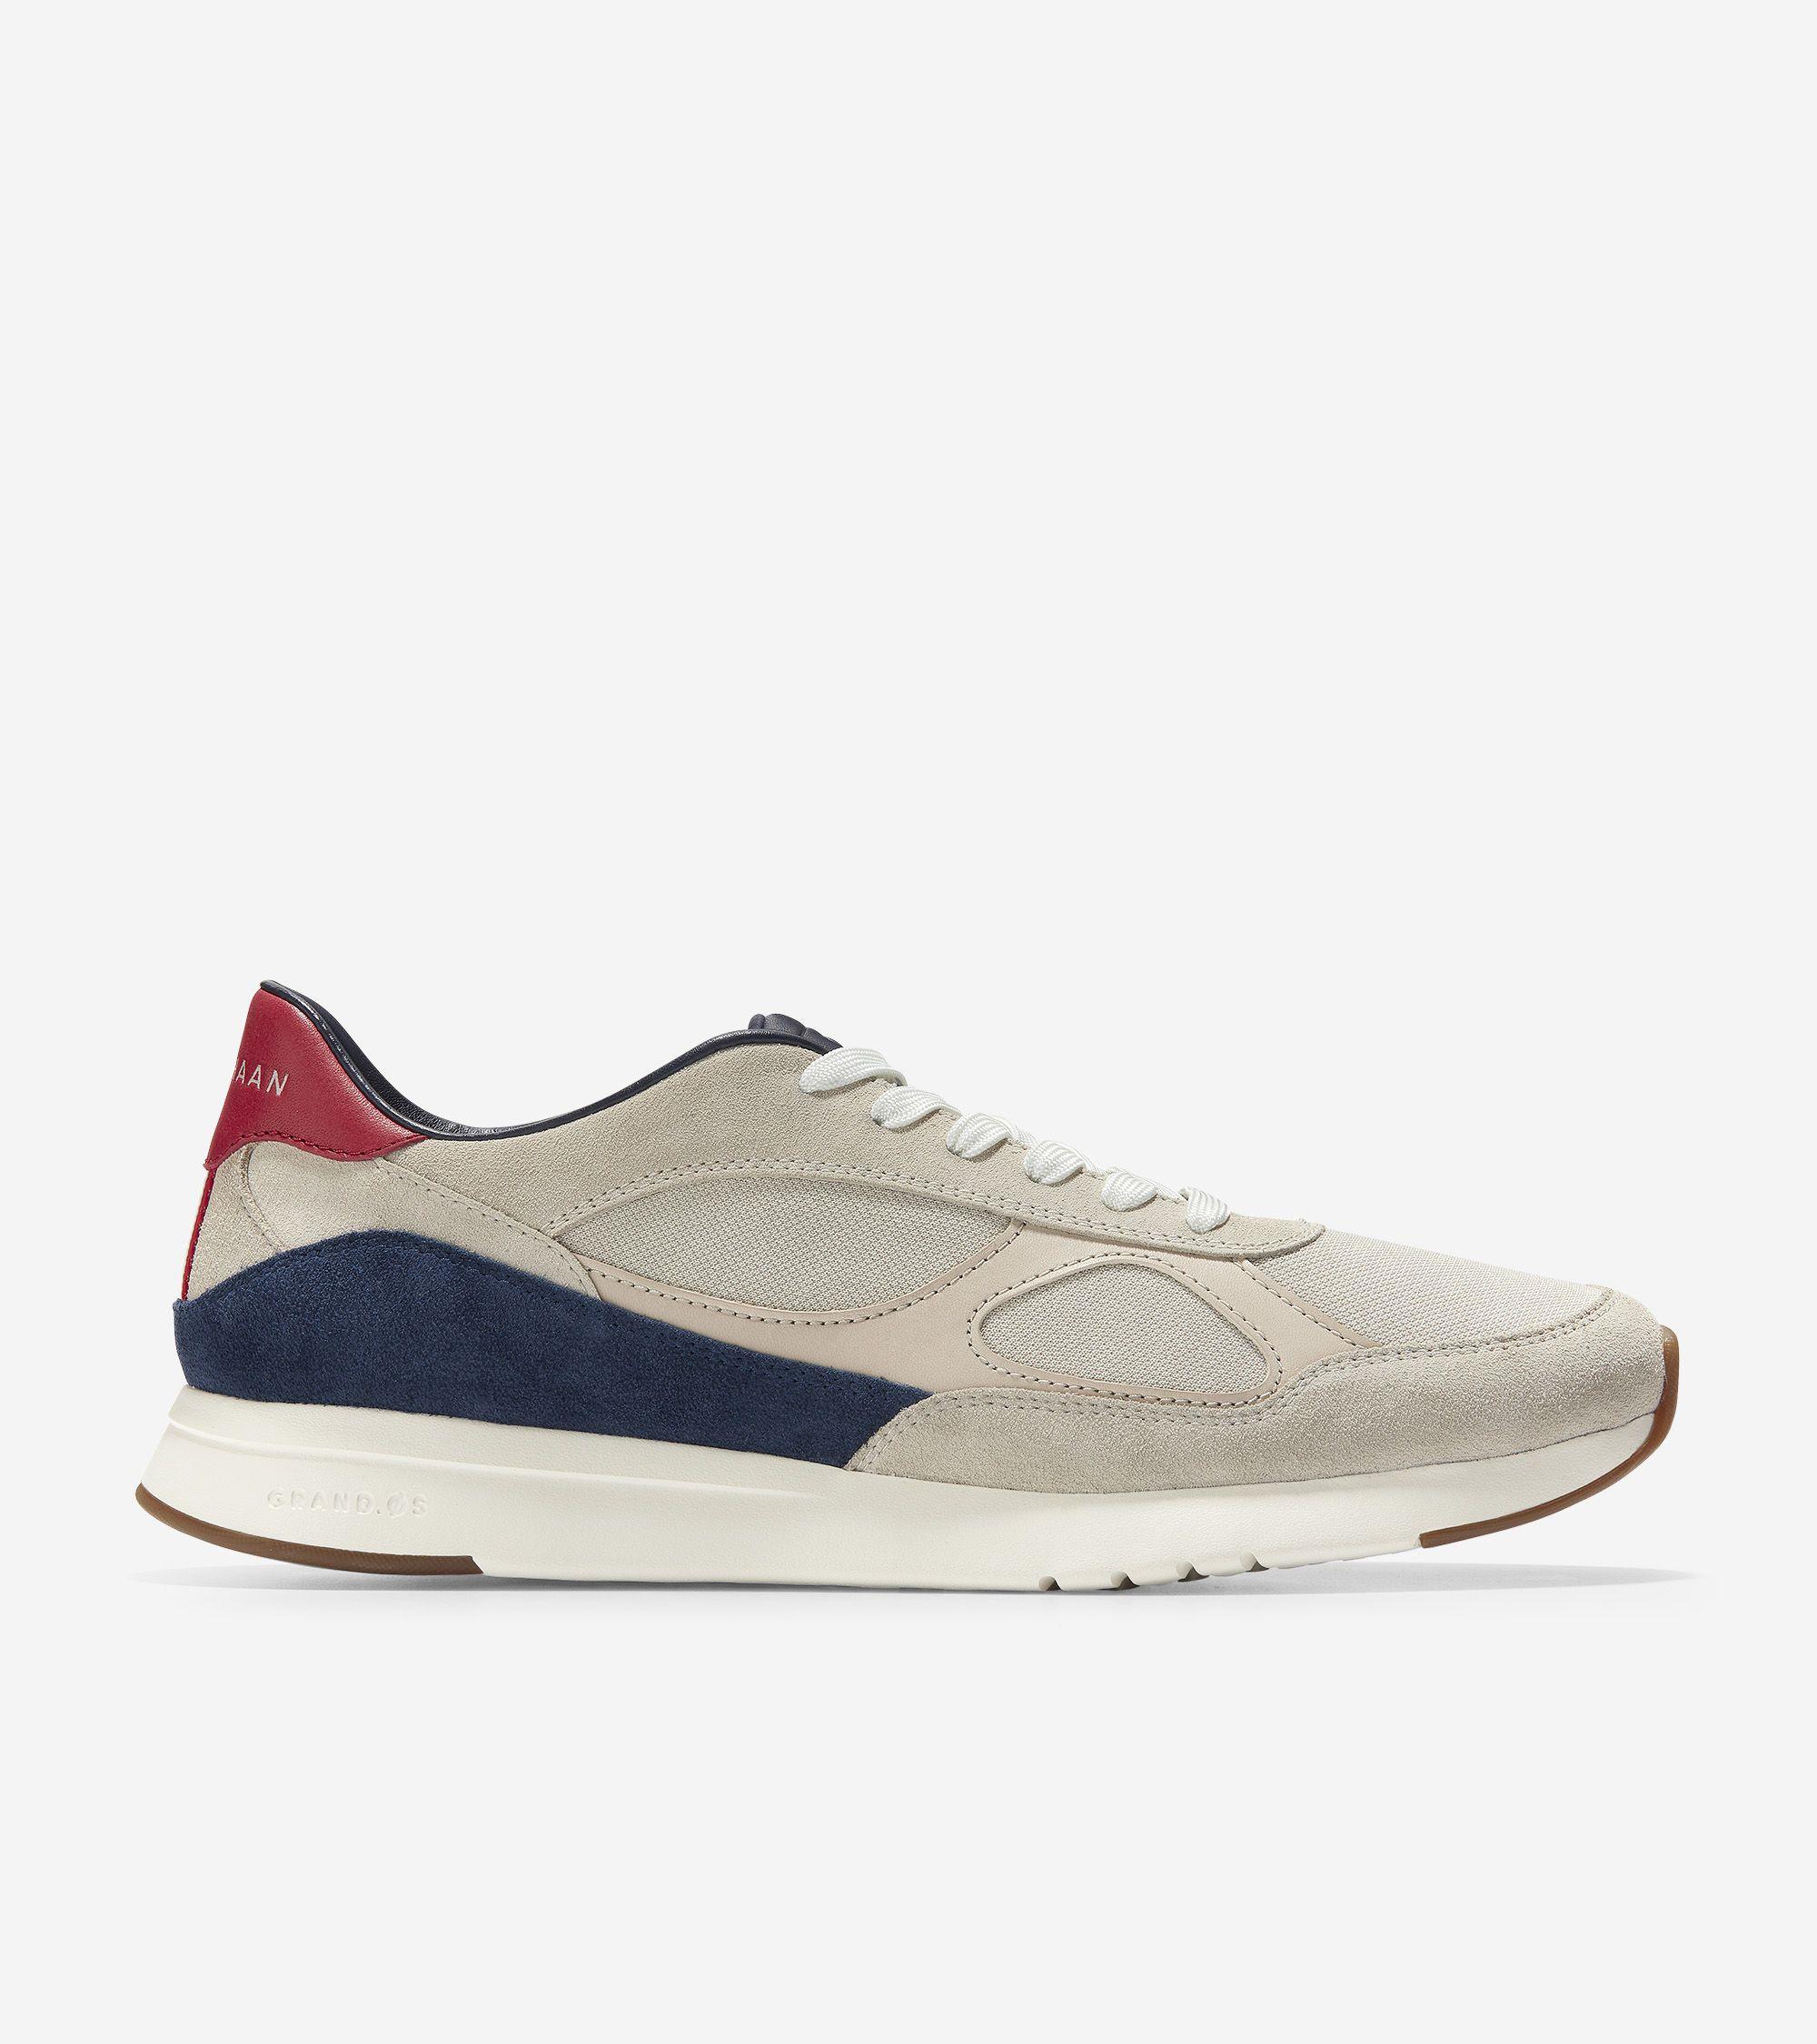 Cole Haan Men's GrandPrø Classic Running Sneaker (Pumice